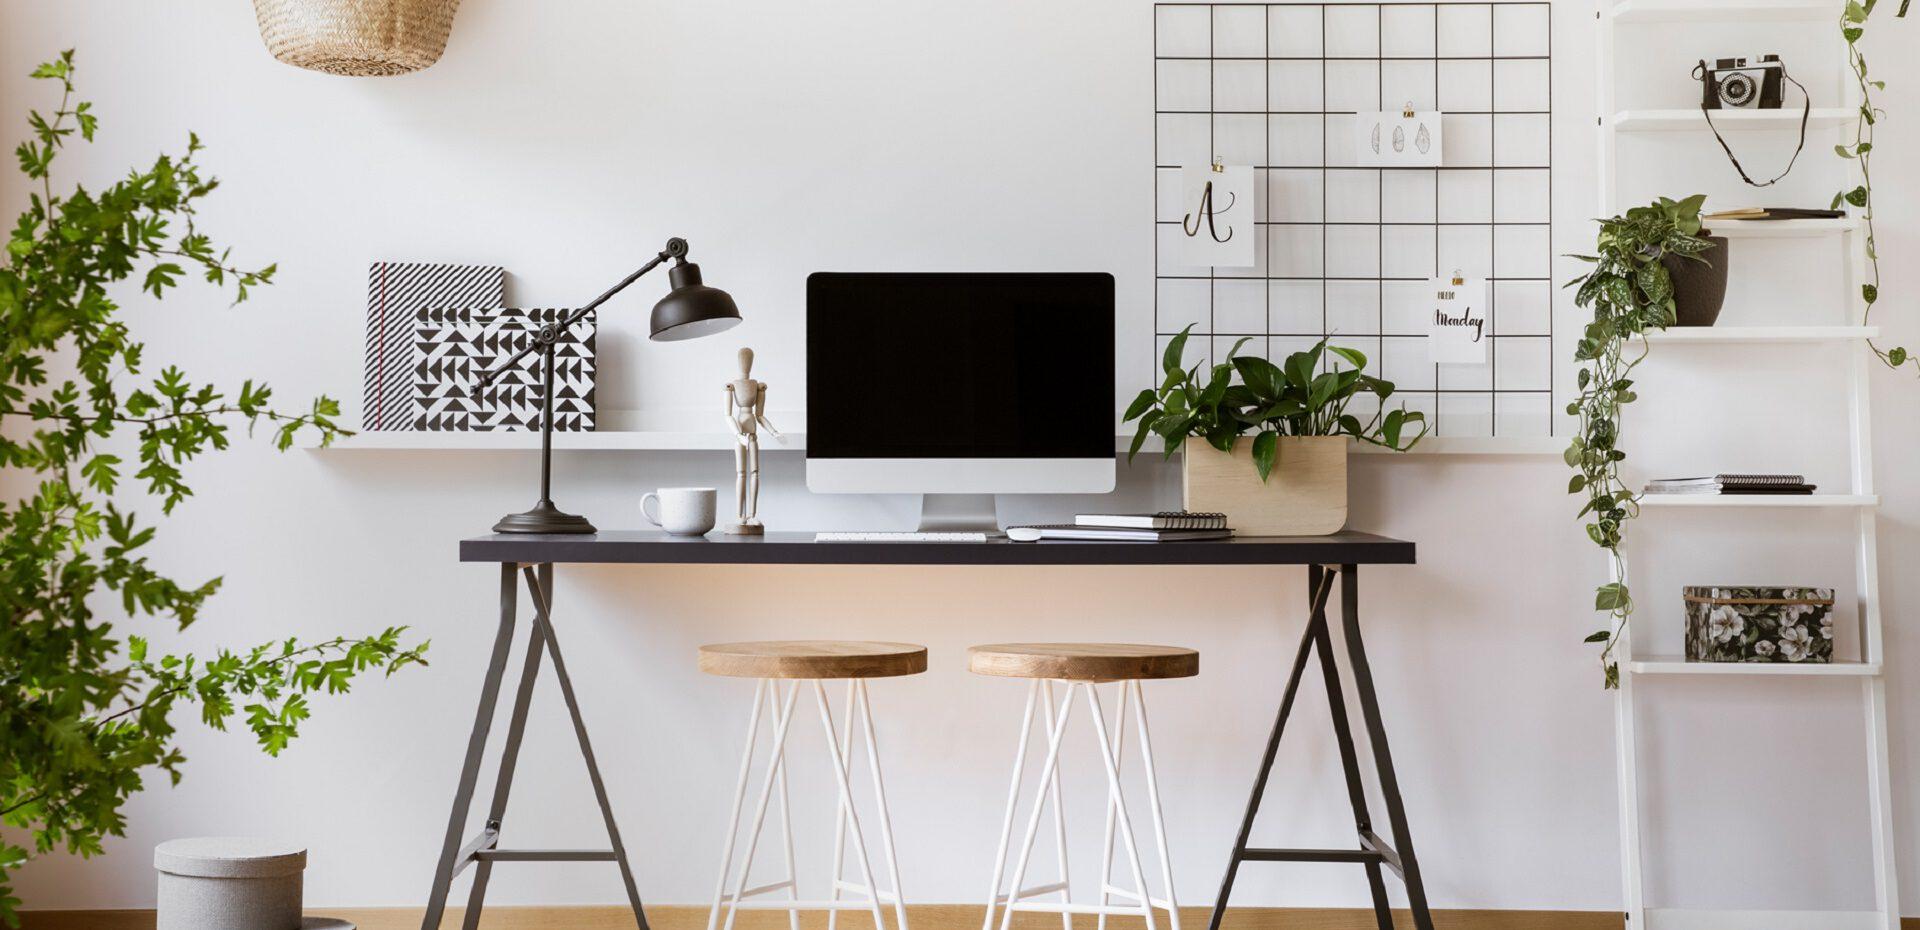 10 اشتباه تنظیم فضای کاری در خانه